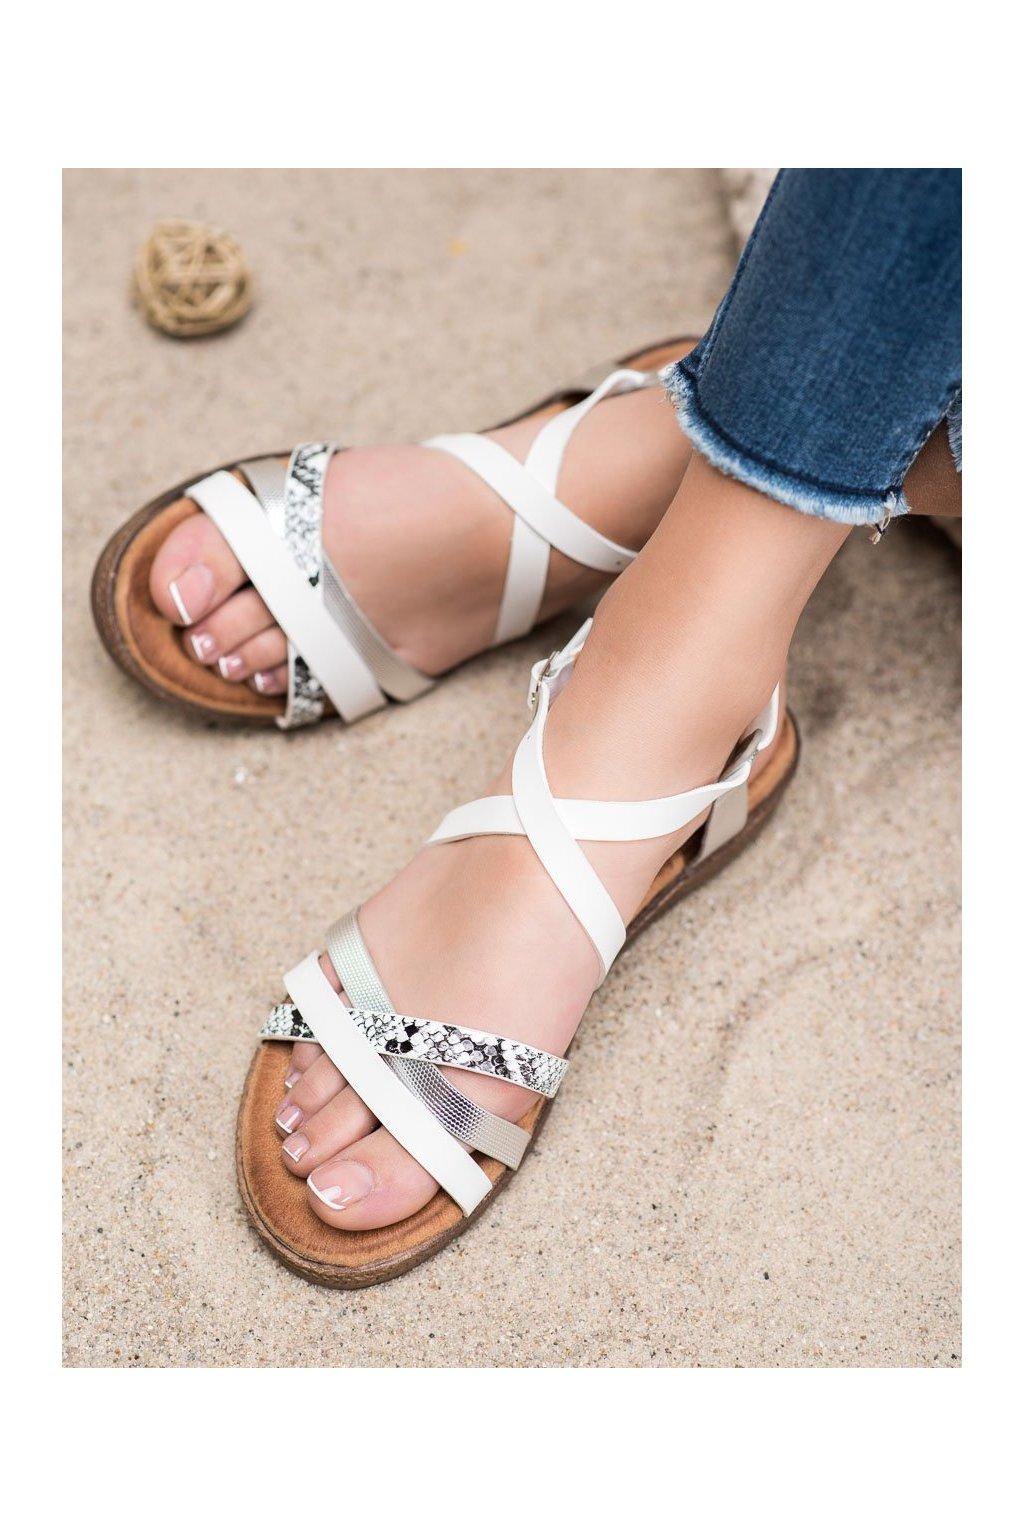 Biele sandále s plochou podrážkou Small swan kod LNS78W